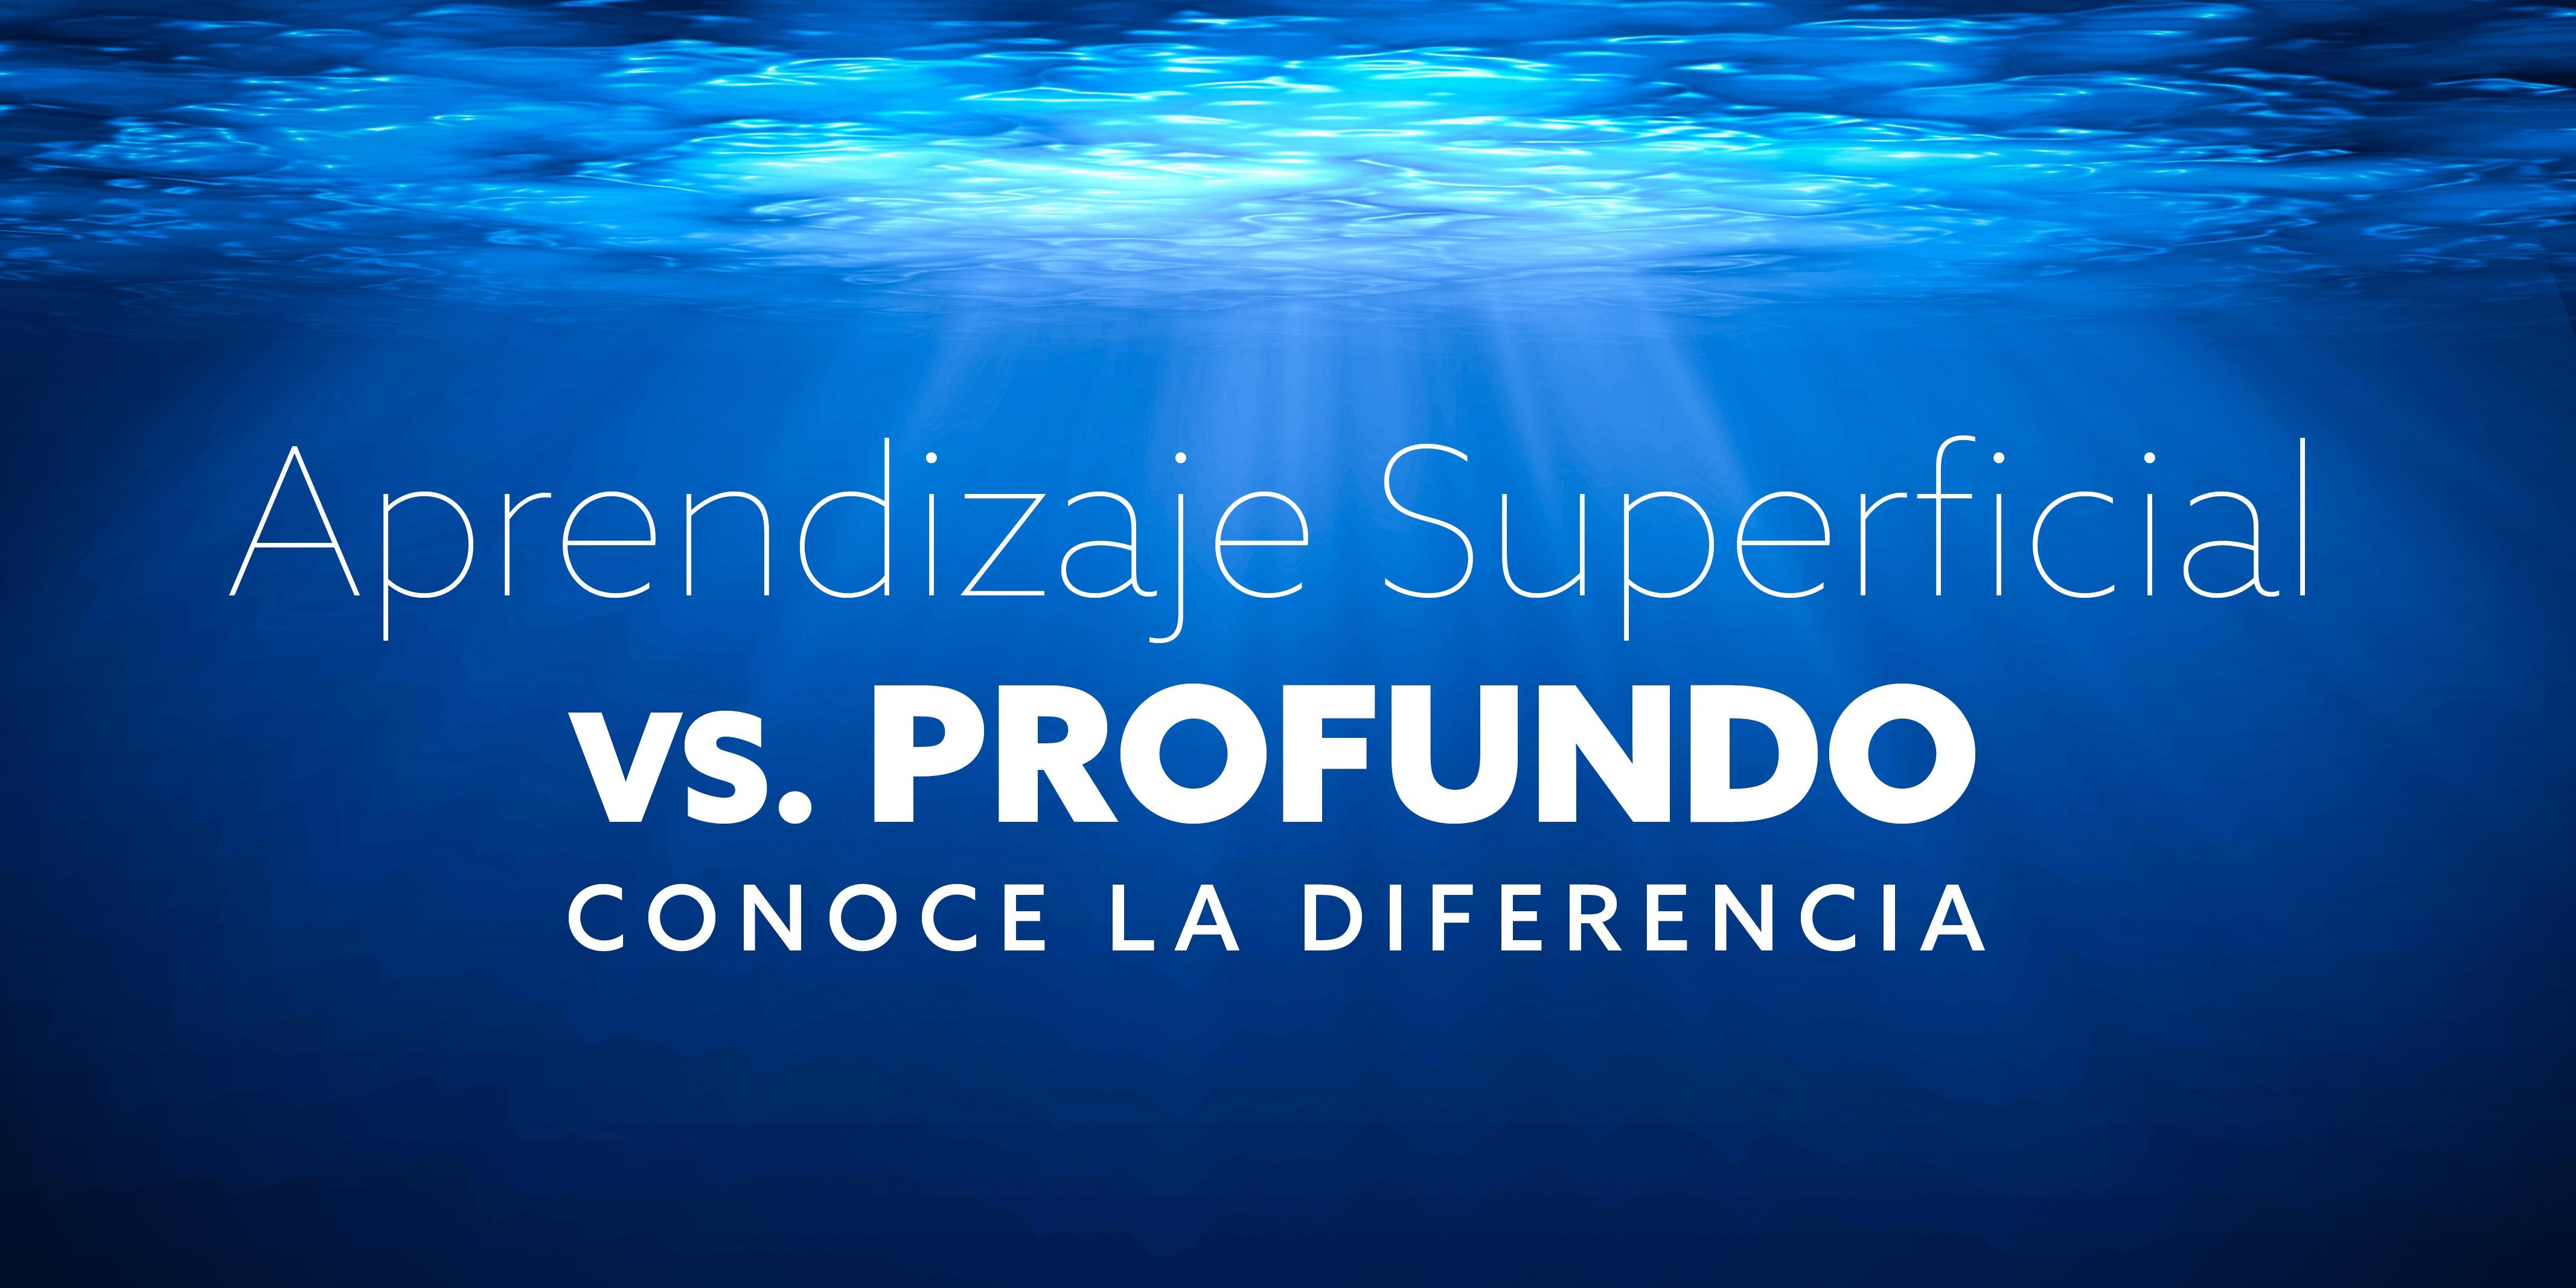 Aprendizaje Superficial vs. Profundo -Conoce la Diferencia